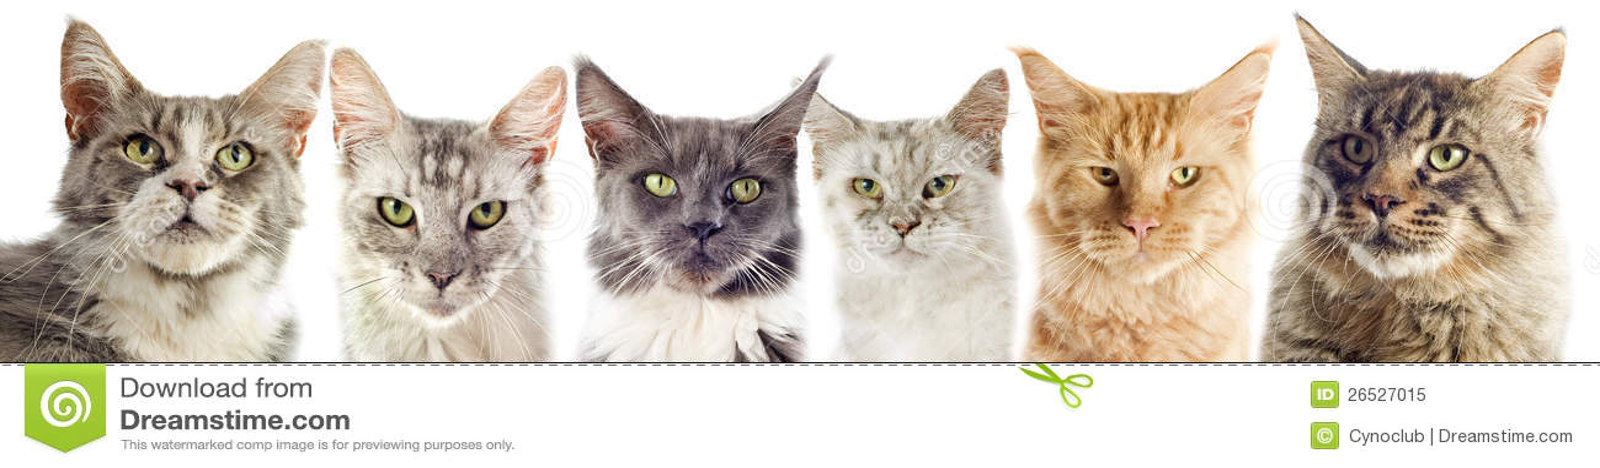 Gatos de coon de Maine